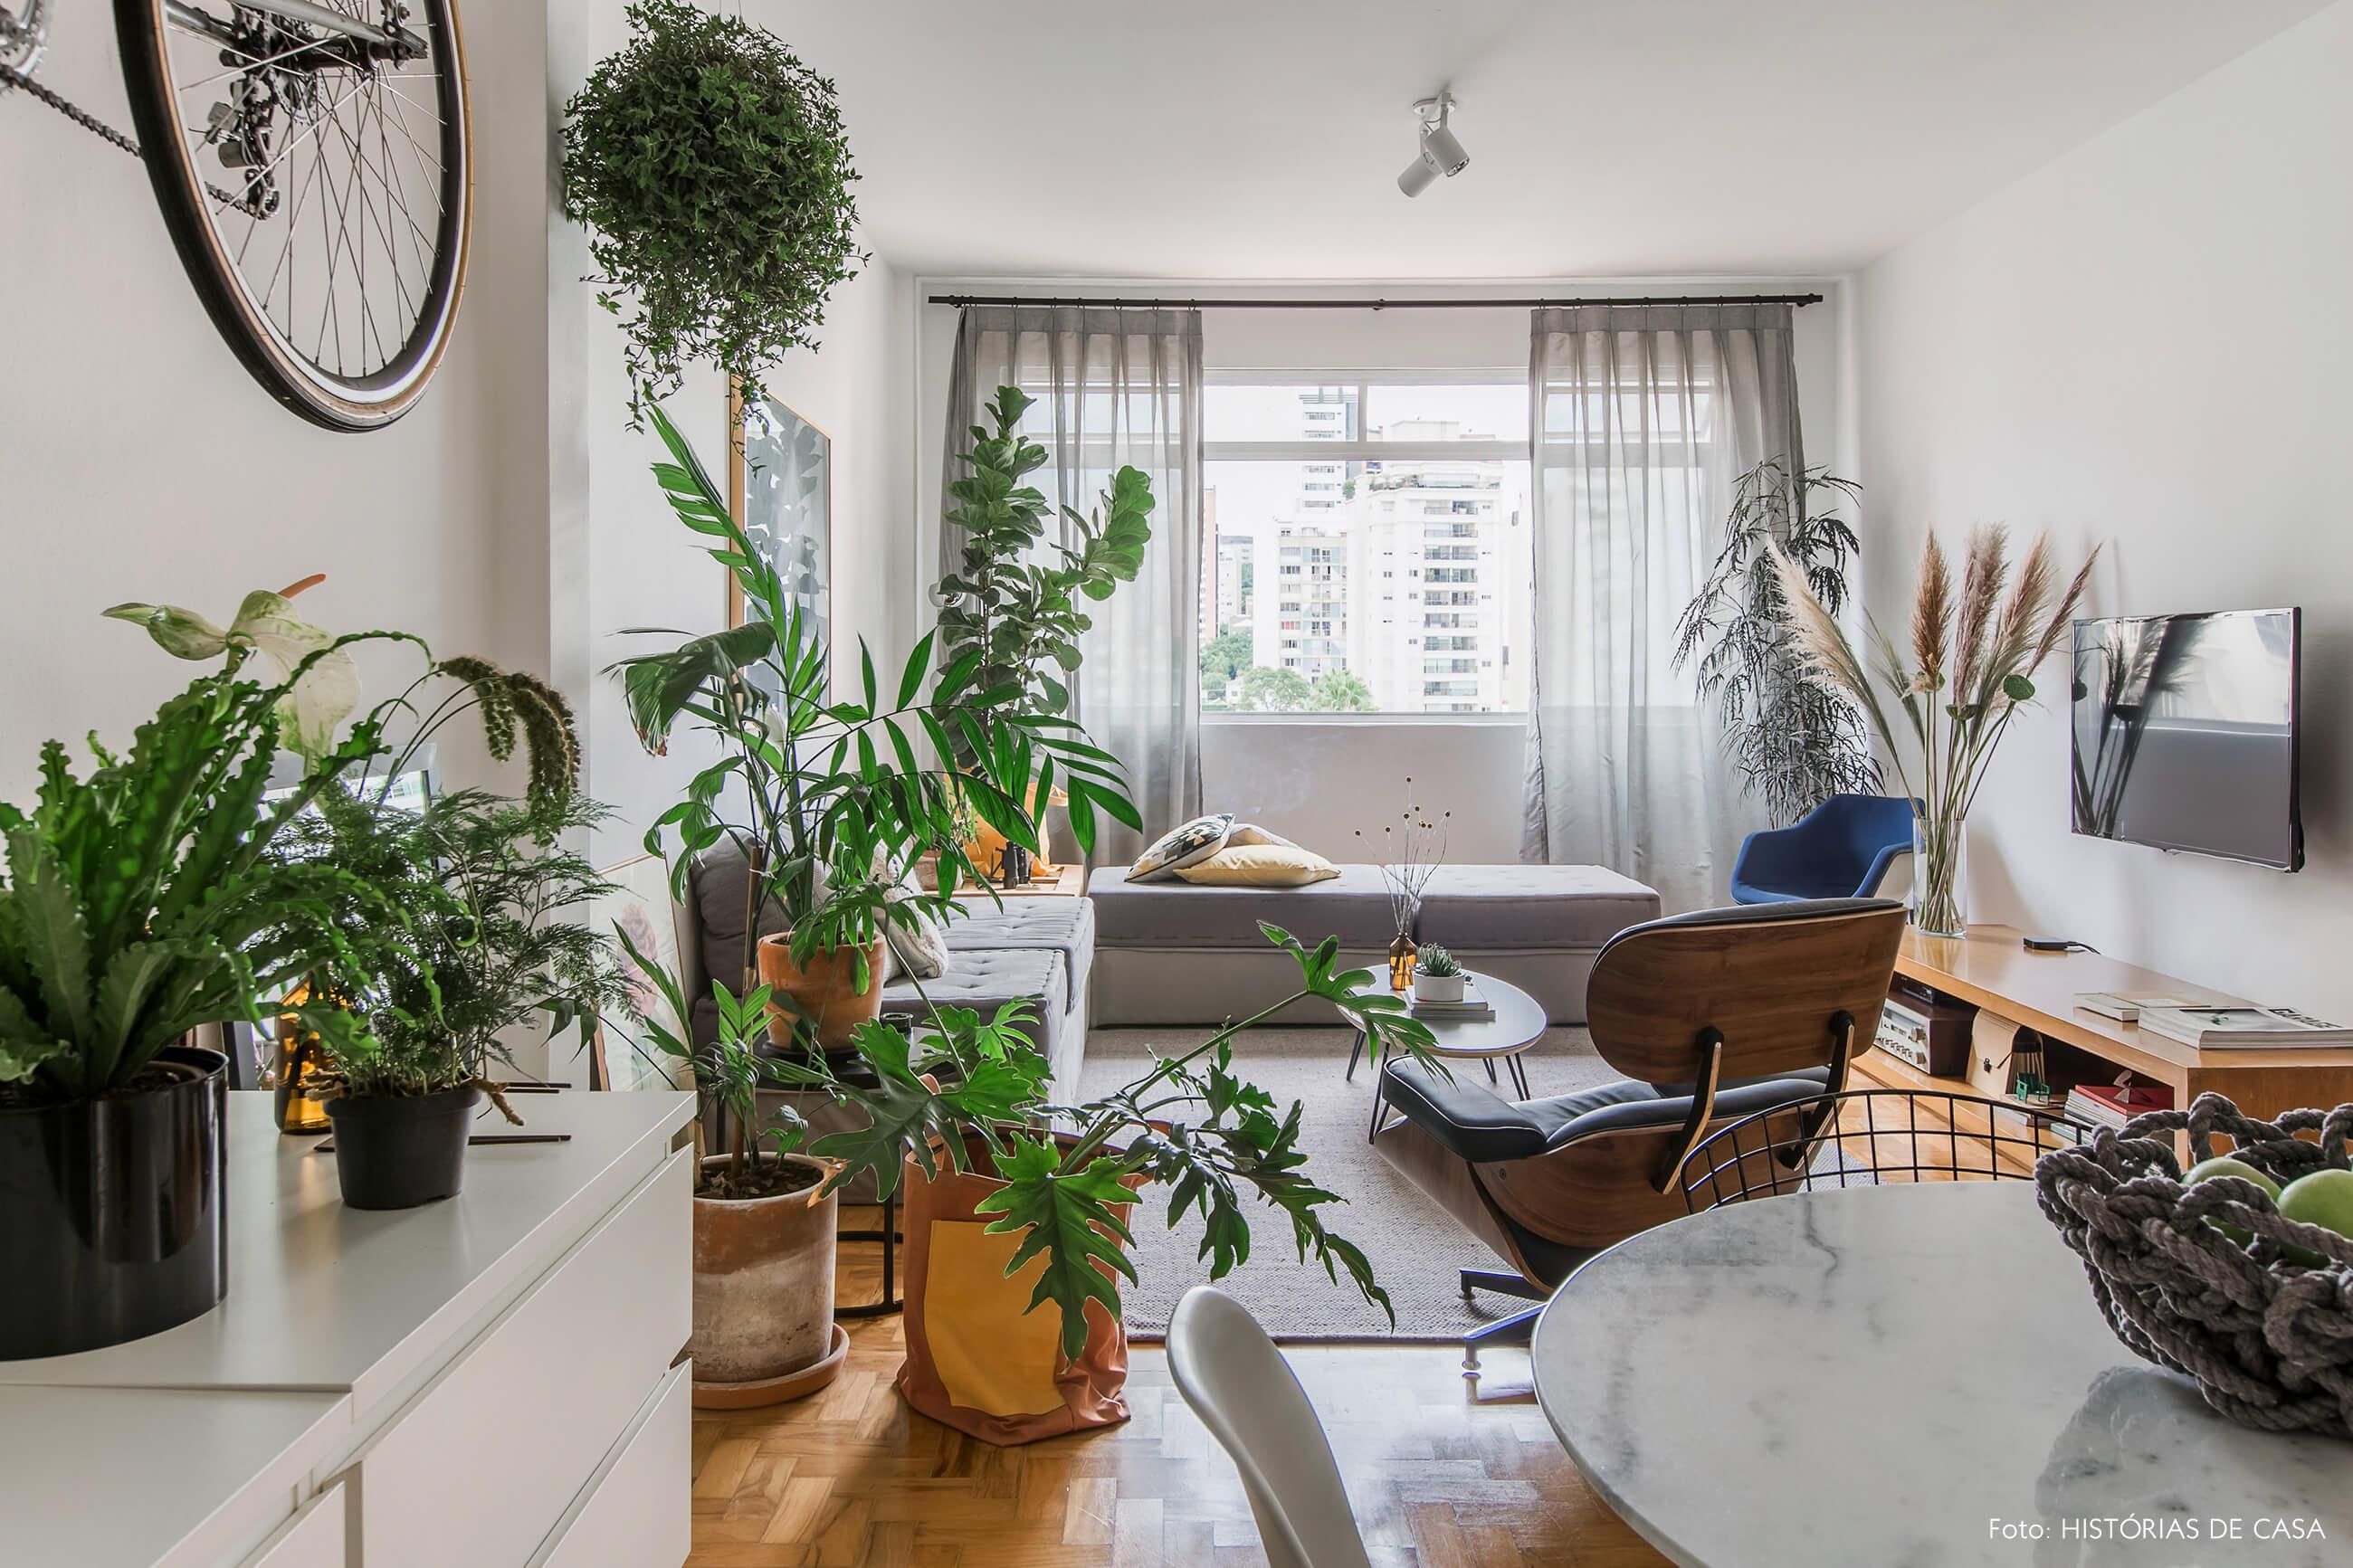 Sala com tons de cinza e muitas plantas